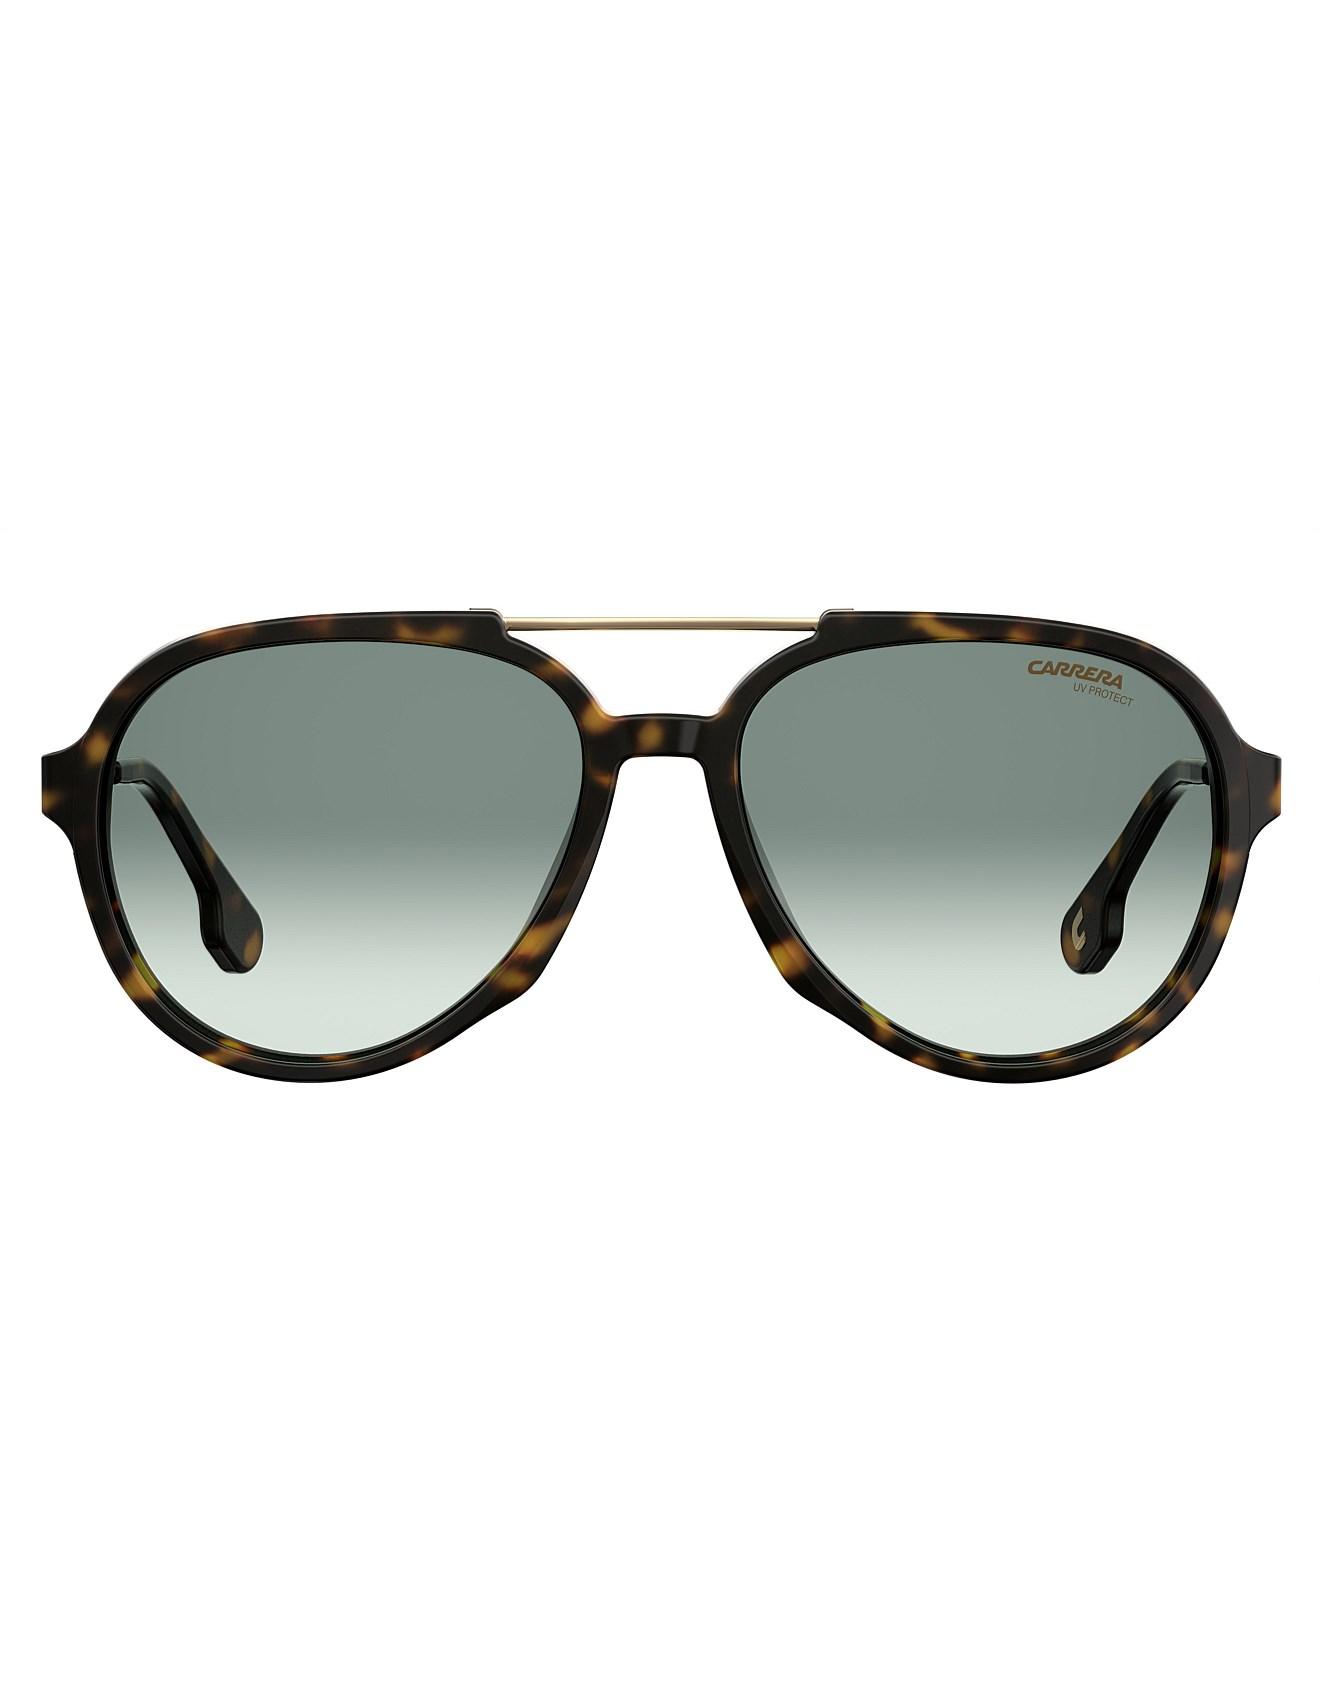 1666d8d66358 Women s Sunglasses Sale